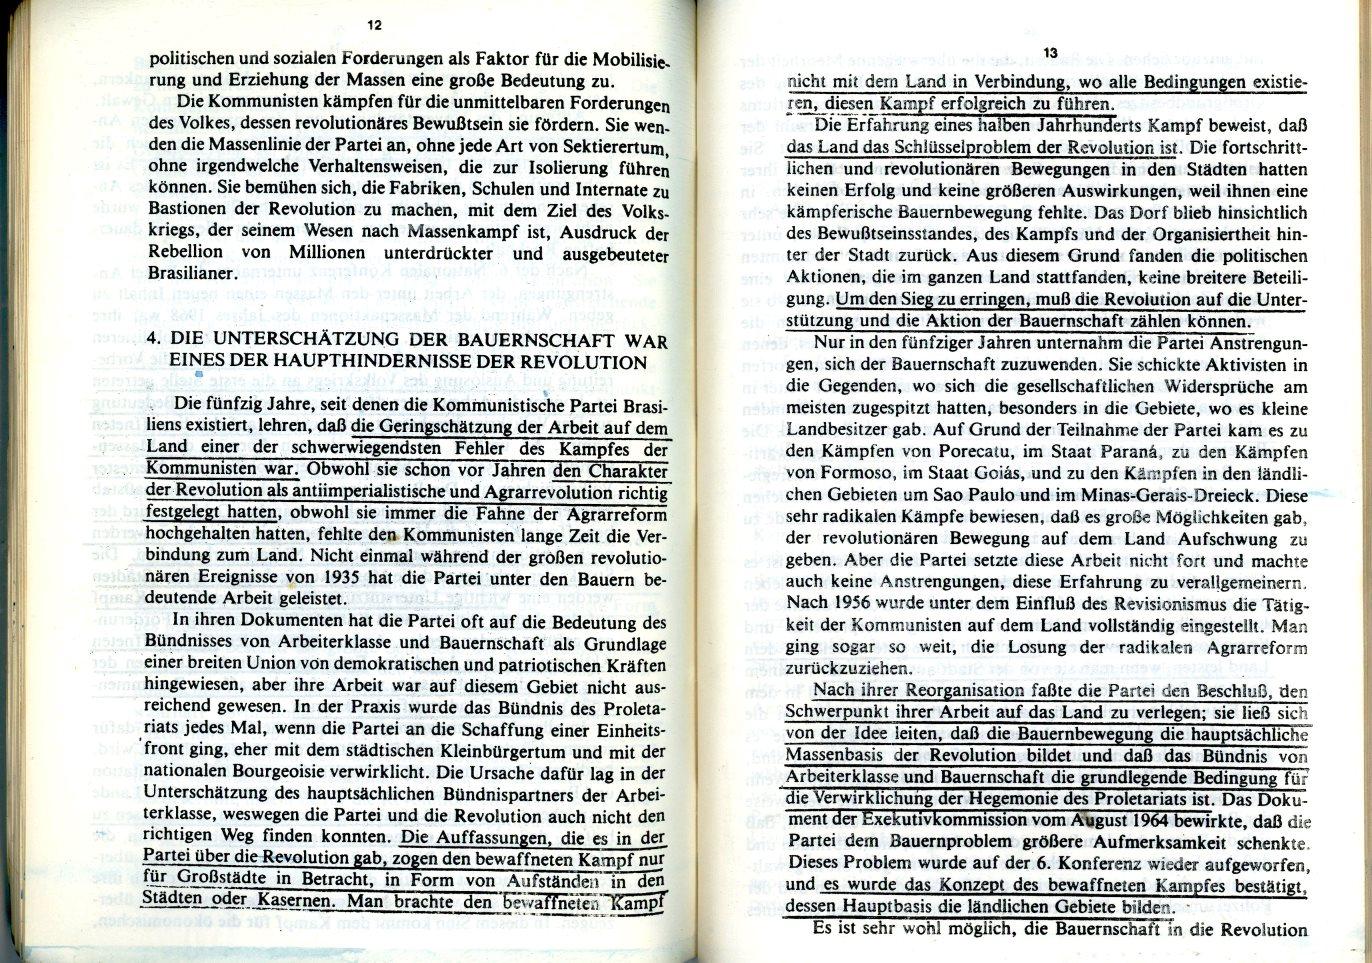 MLSK_Theorie_und_Praxis_des_ML_1978_20_15